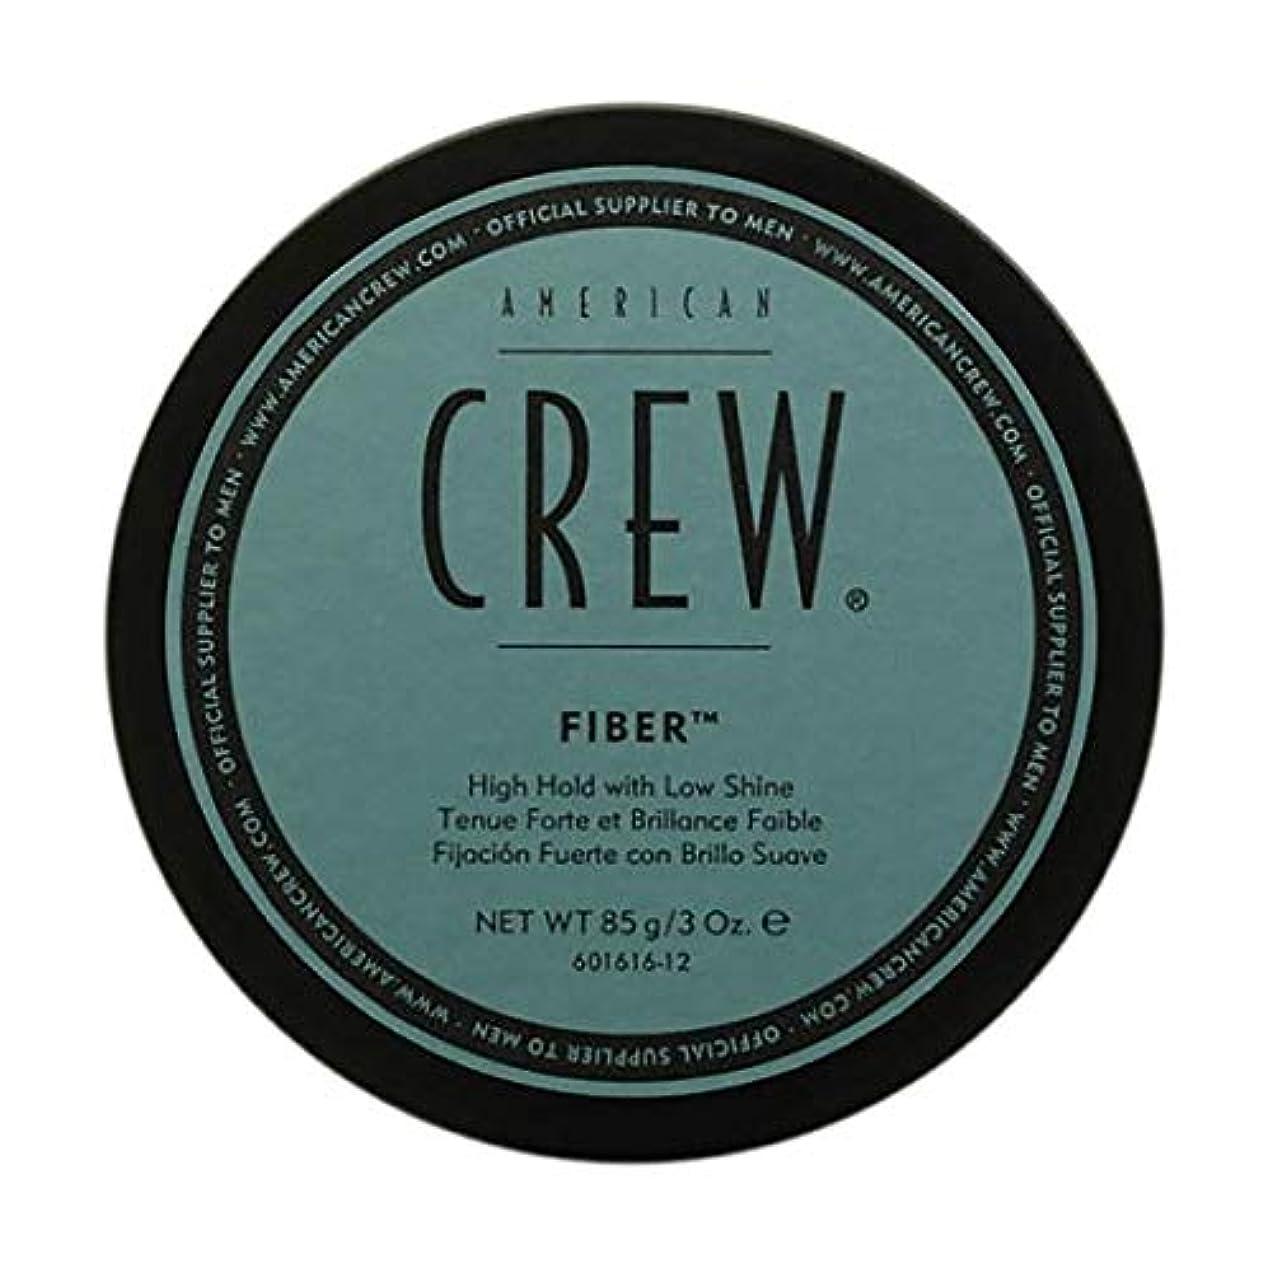 パートナーチャーミング安西アメリカンクルー クラシック ファイバー American Crew Fiber 85g [並行輸入品]